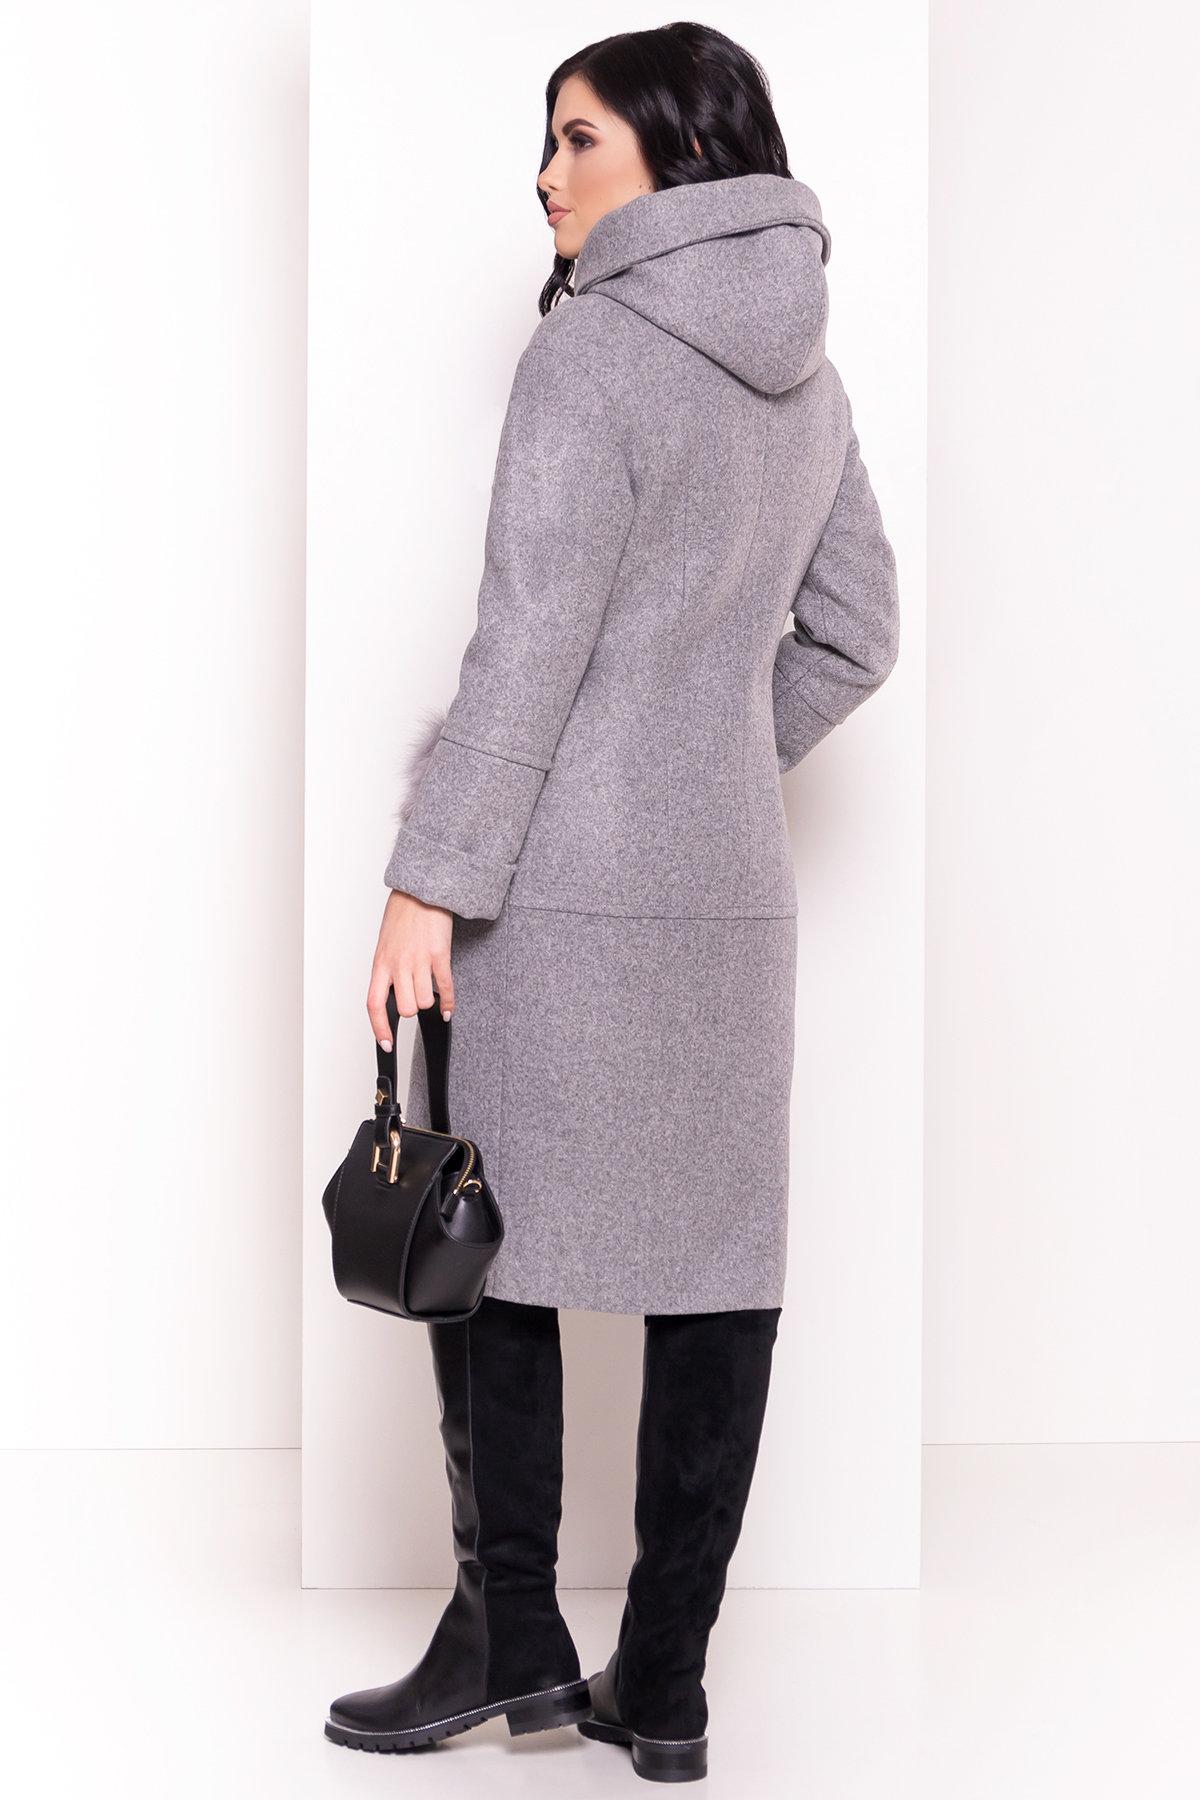 Пальто зима Анита 5762 АРТ. 38116 Цвет: Серый Светлый 77 - фото 2, интернет магазин tm-modus.ru